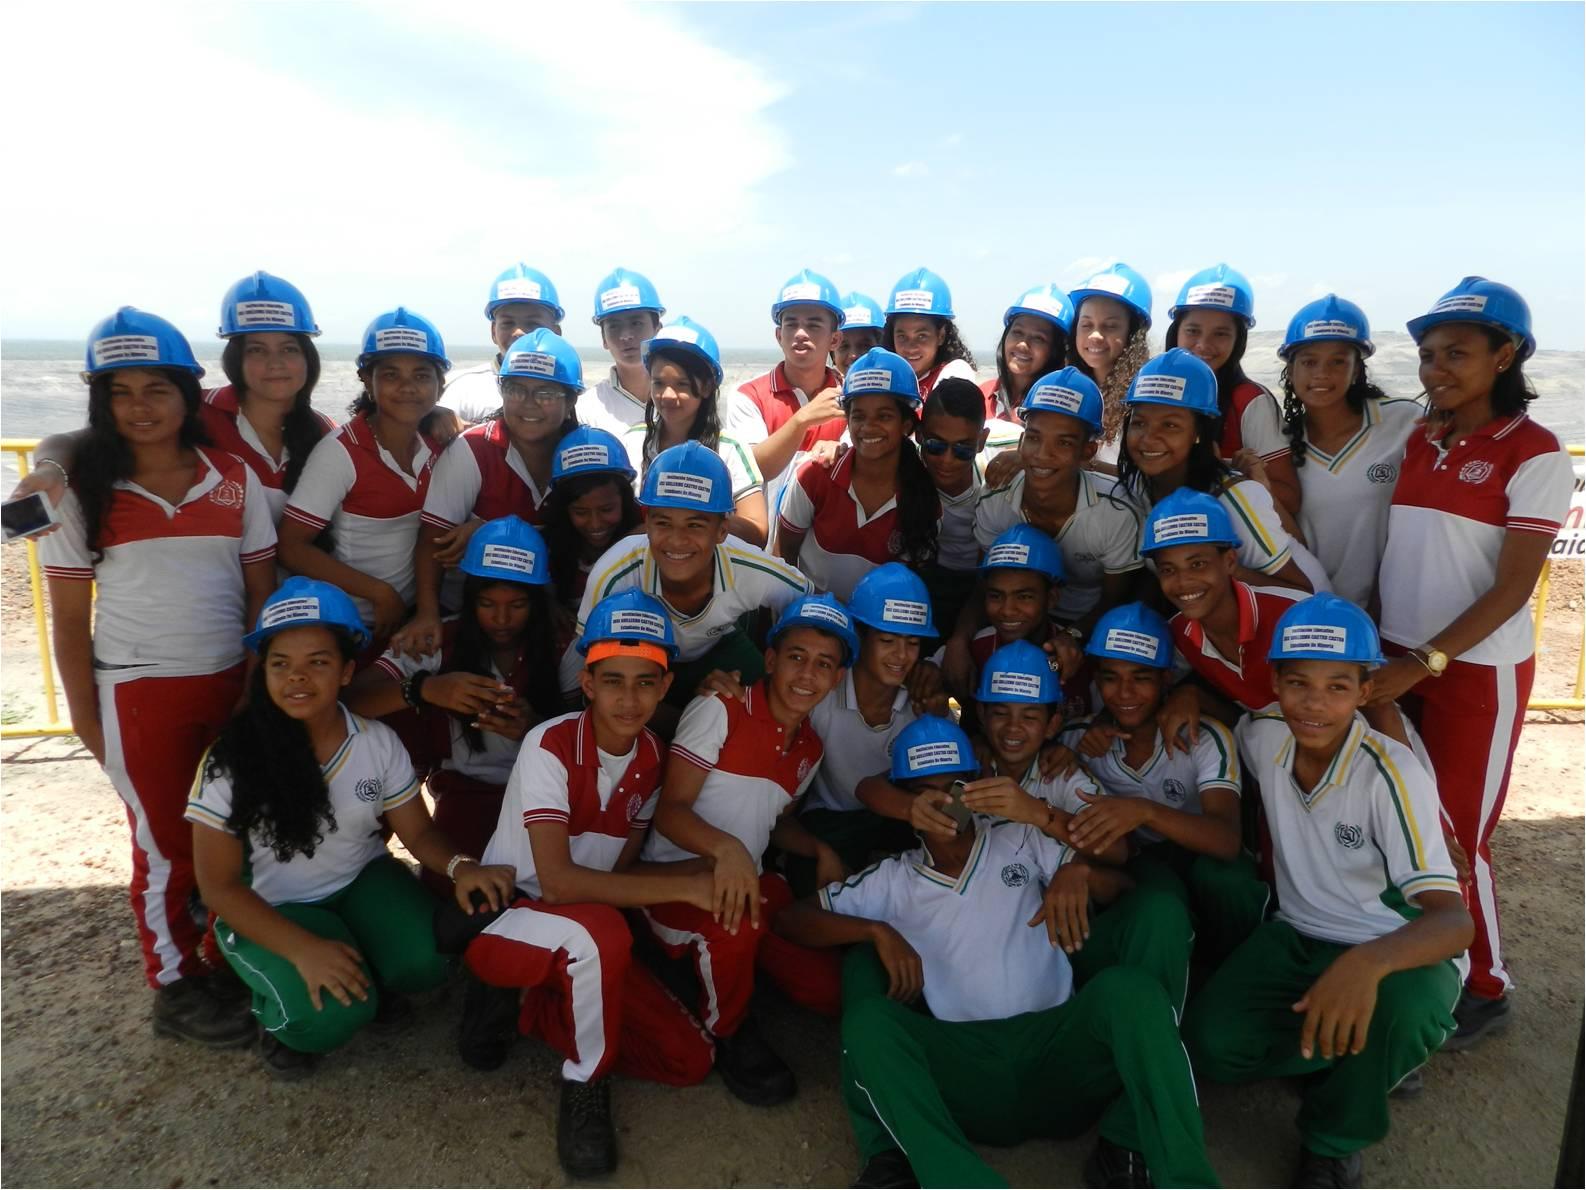 11th grade students of the Institución Educativa José Guillermo Castro Castro in La Jagua de Ibirico